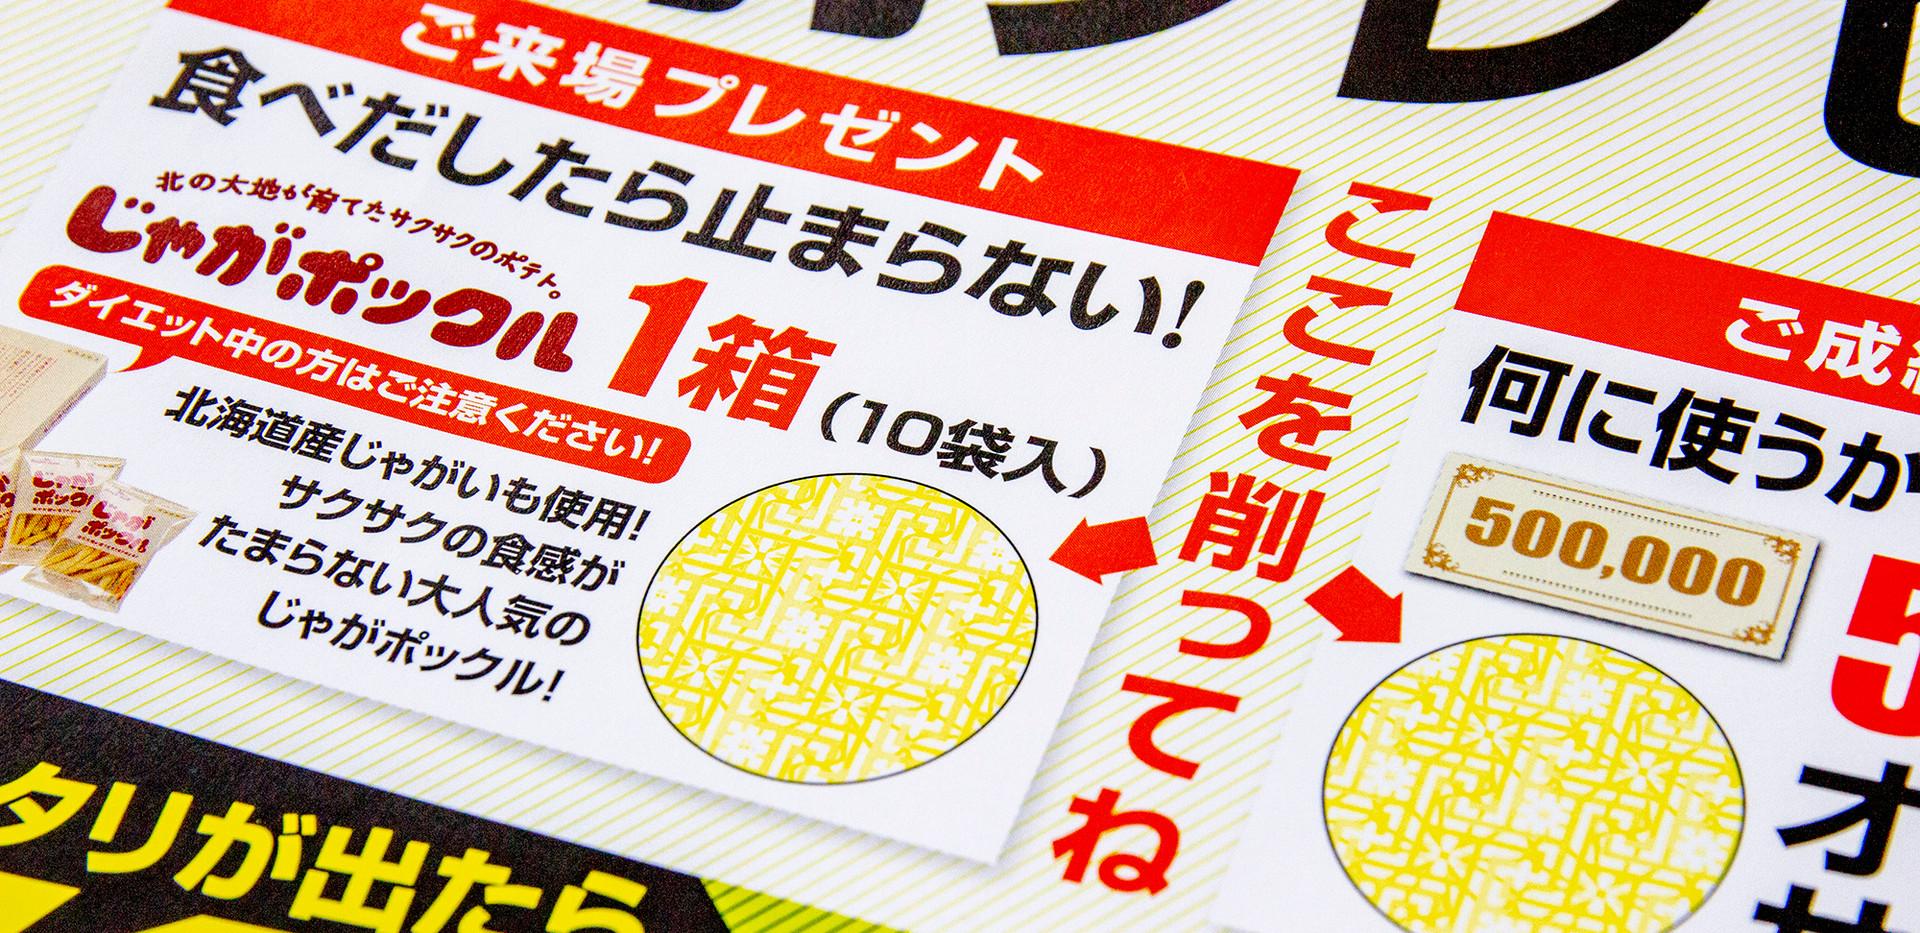 実績_スクラッチ高橋_03.jpg